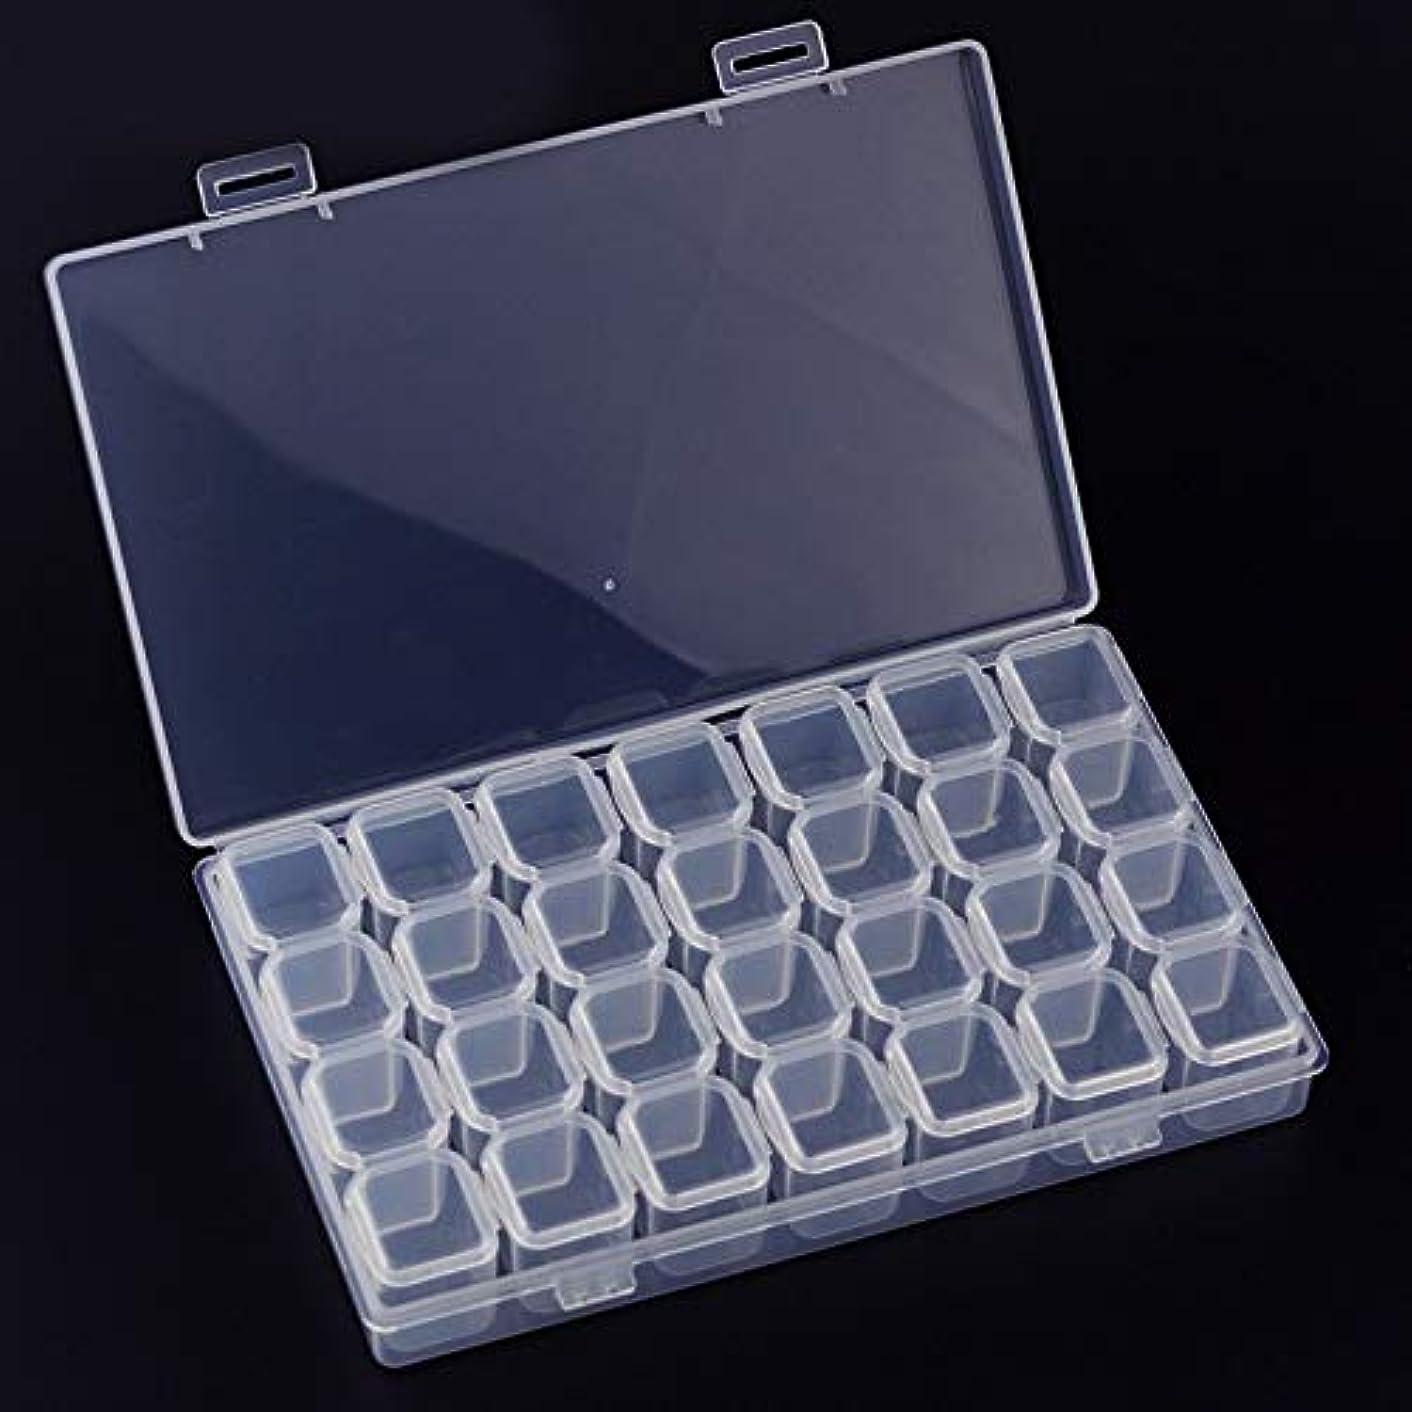 スピン重要性雑種28スロットクリアネイルアートグリッターラインストーン収納ケースプラスチックボックスジュエリーパーツディスプレイコンテナオーガナイザー